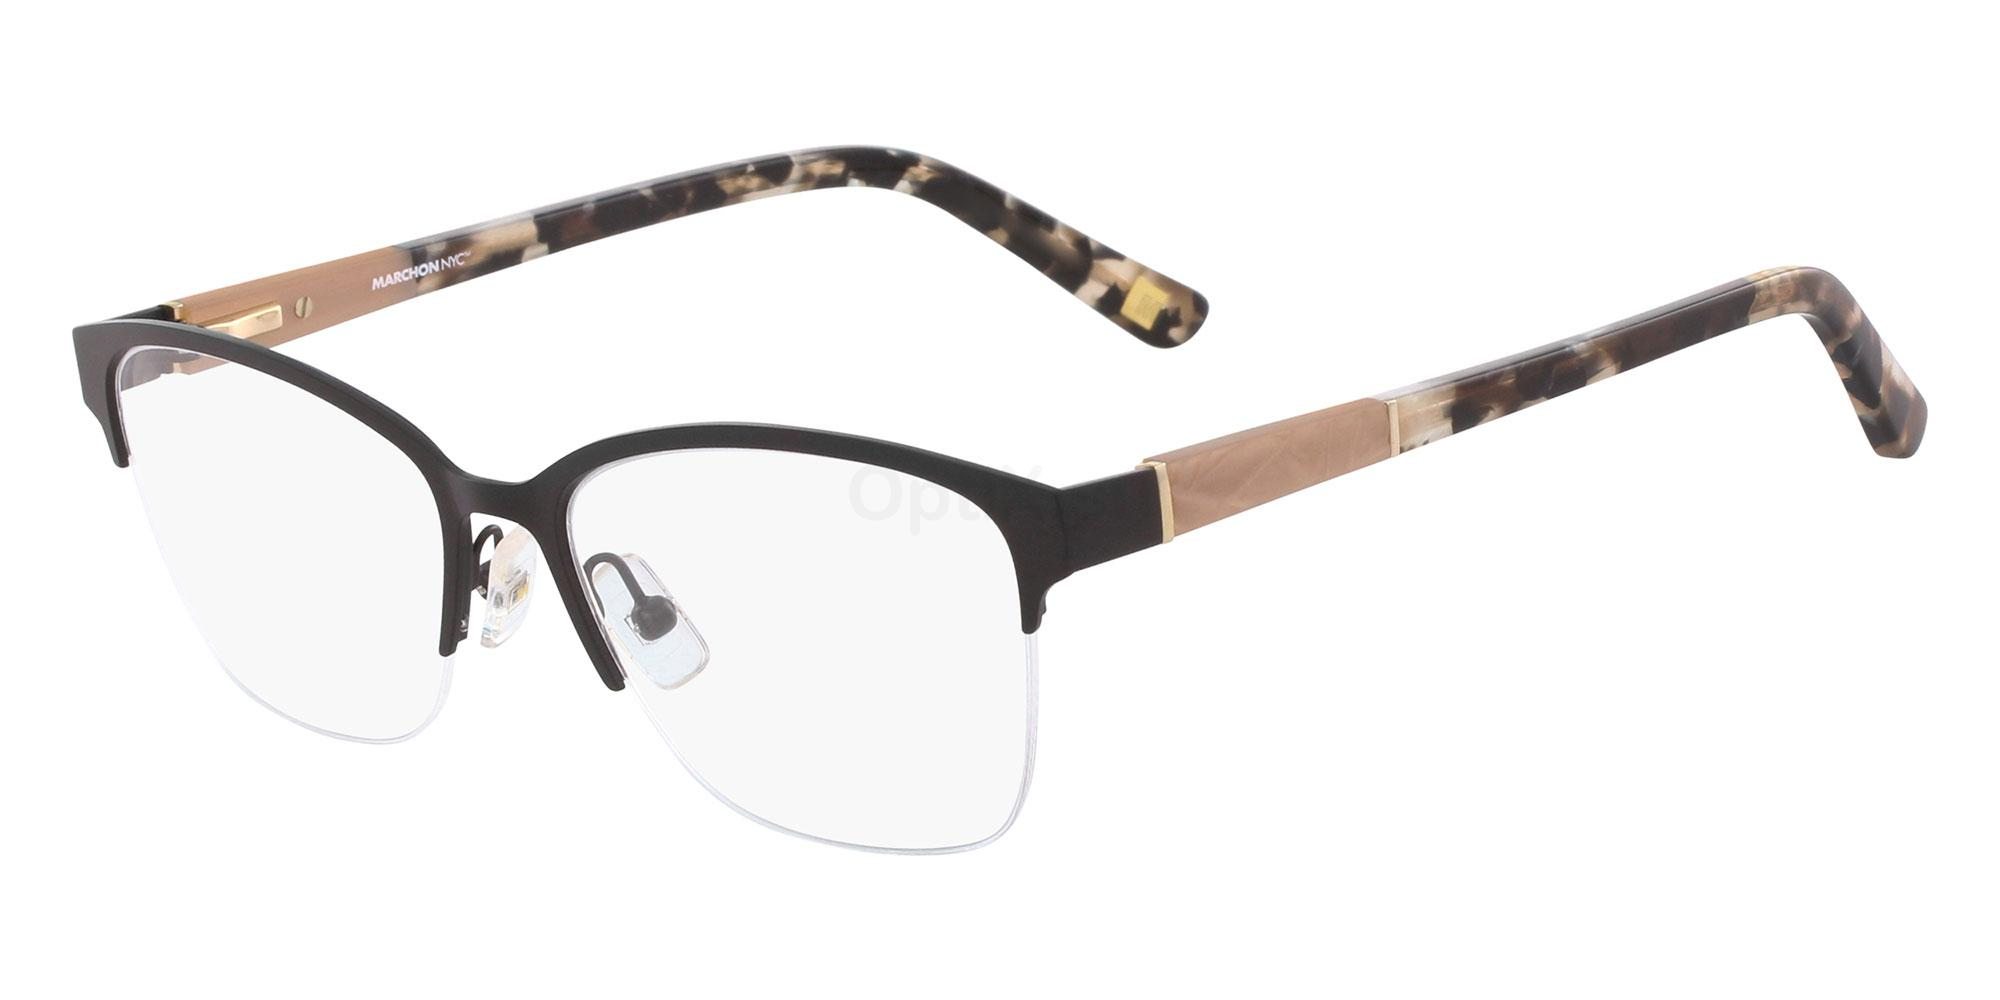 001 M-4002 Glasses, Marchon